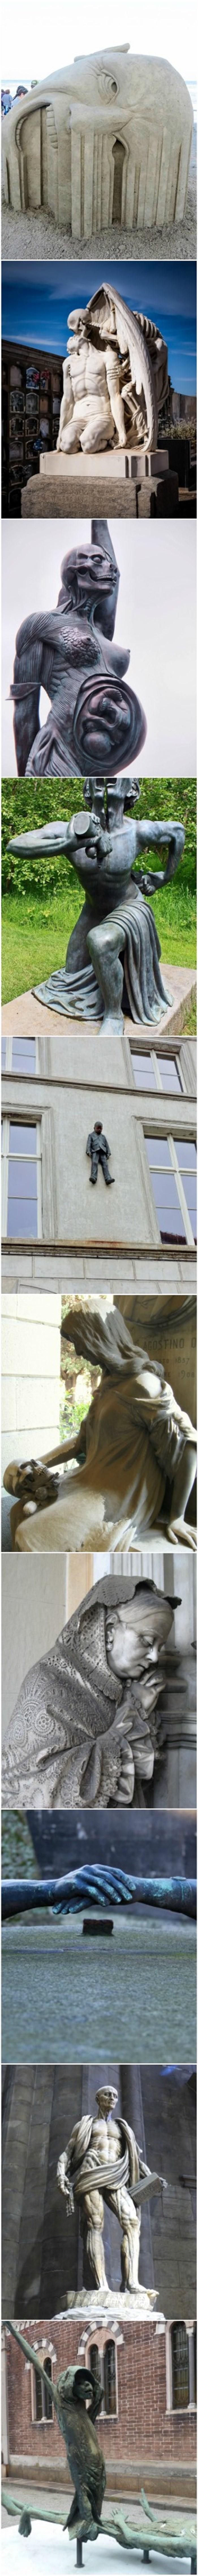 Ove skulpture će vas i uplašiti i oduševiti